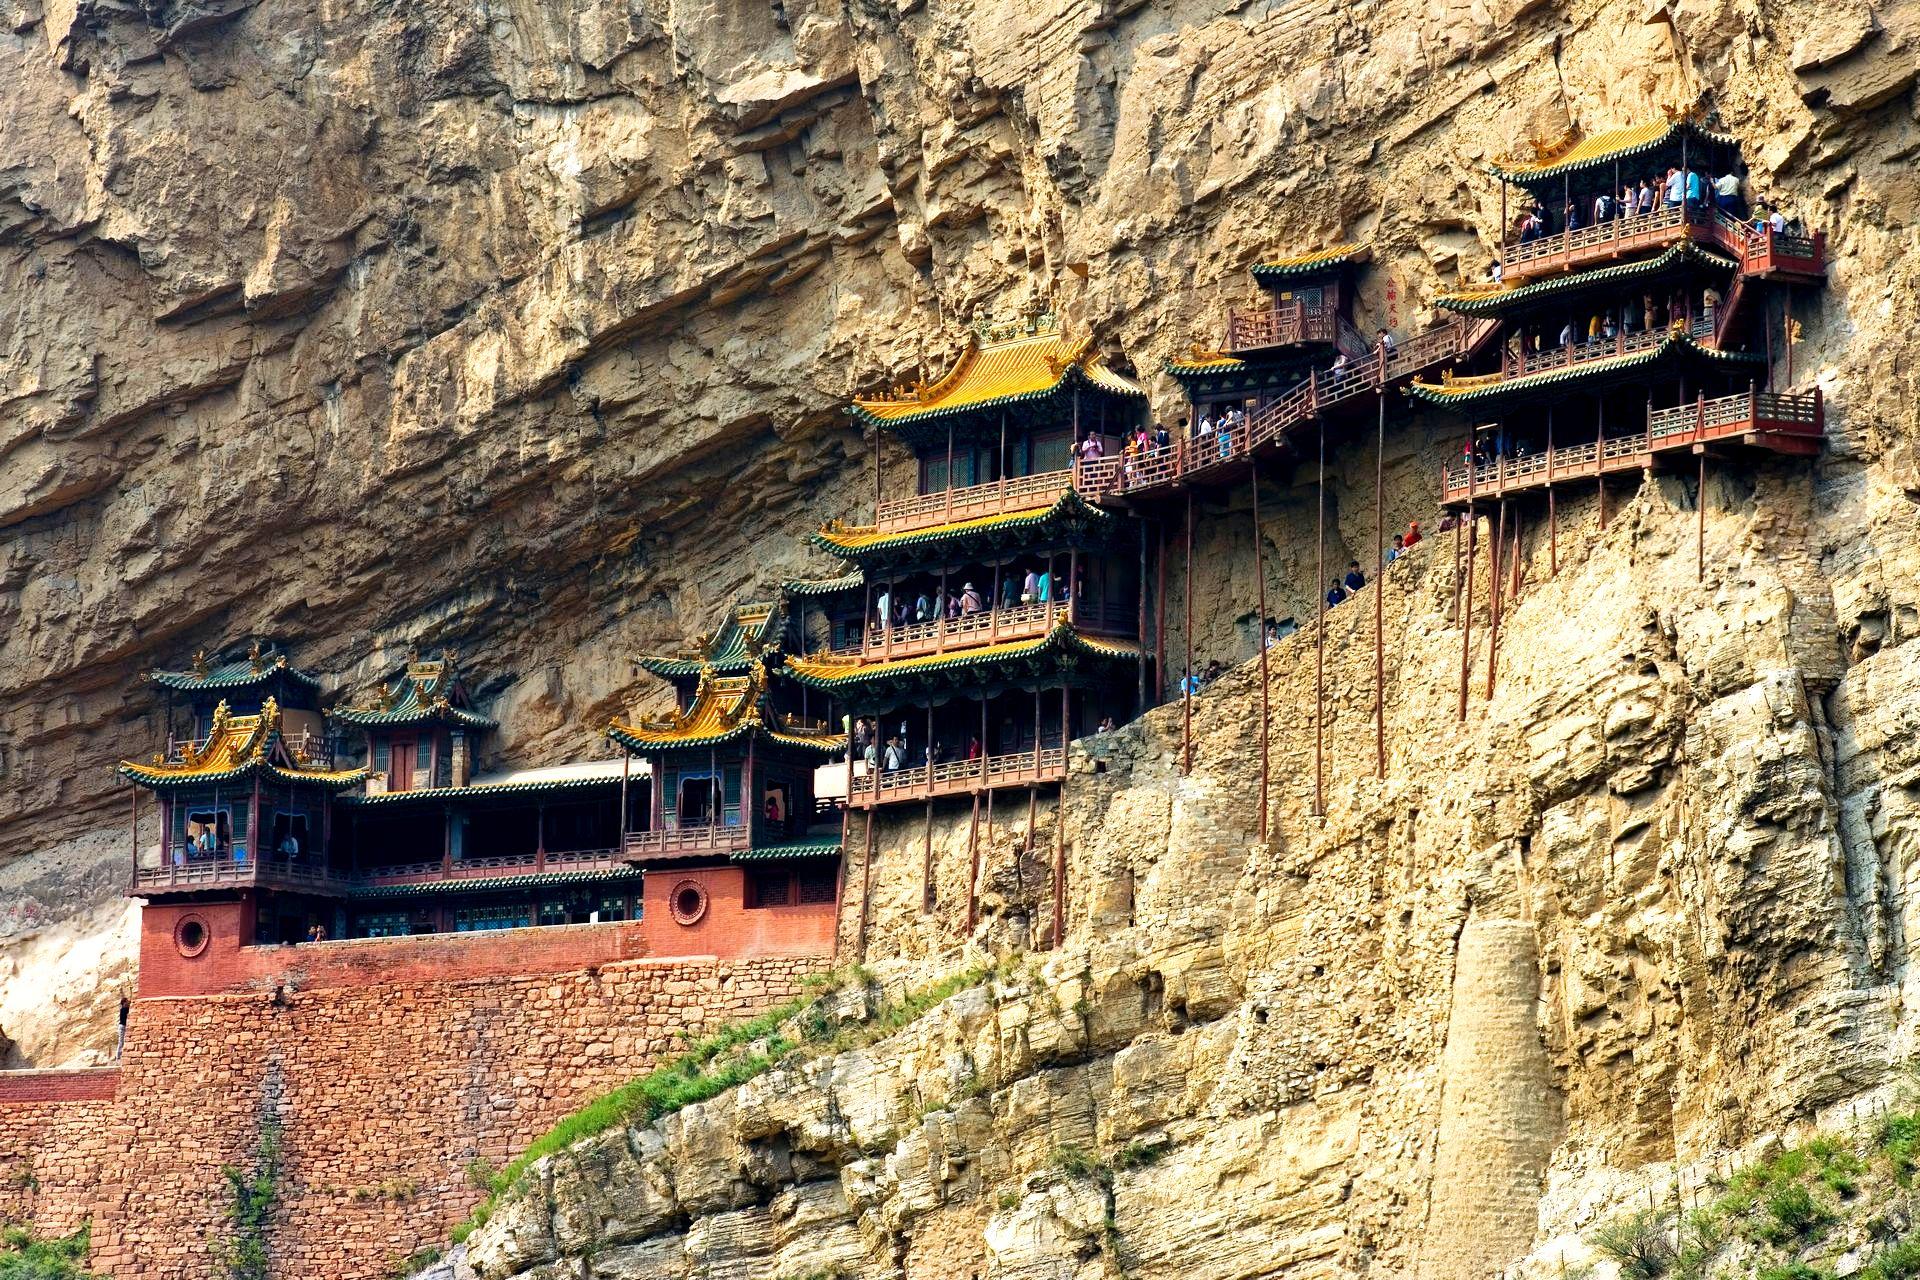 висячий на скале монастырь